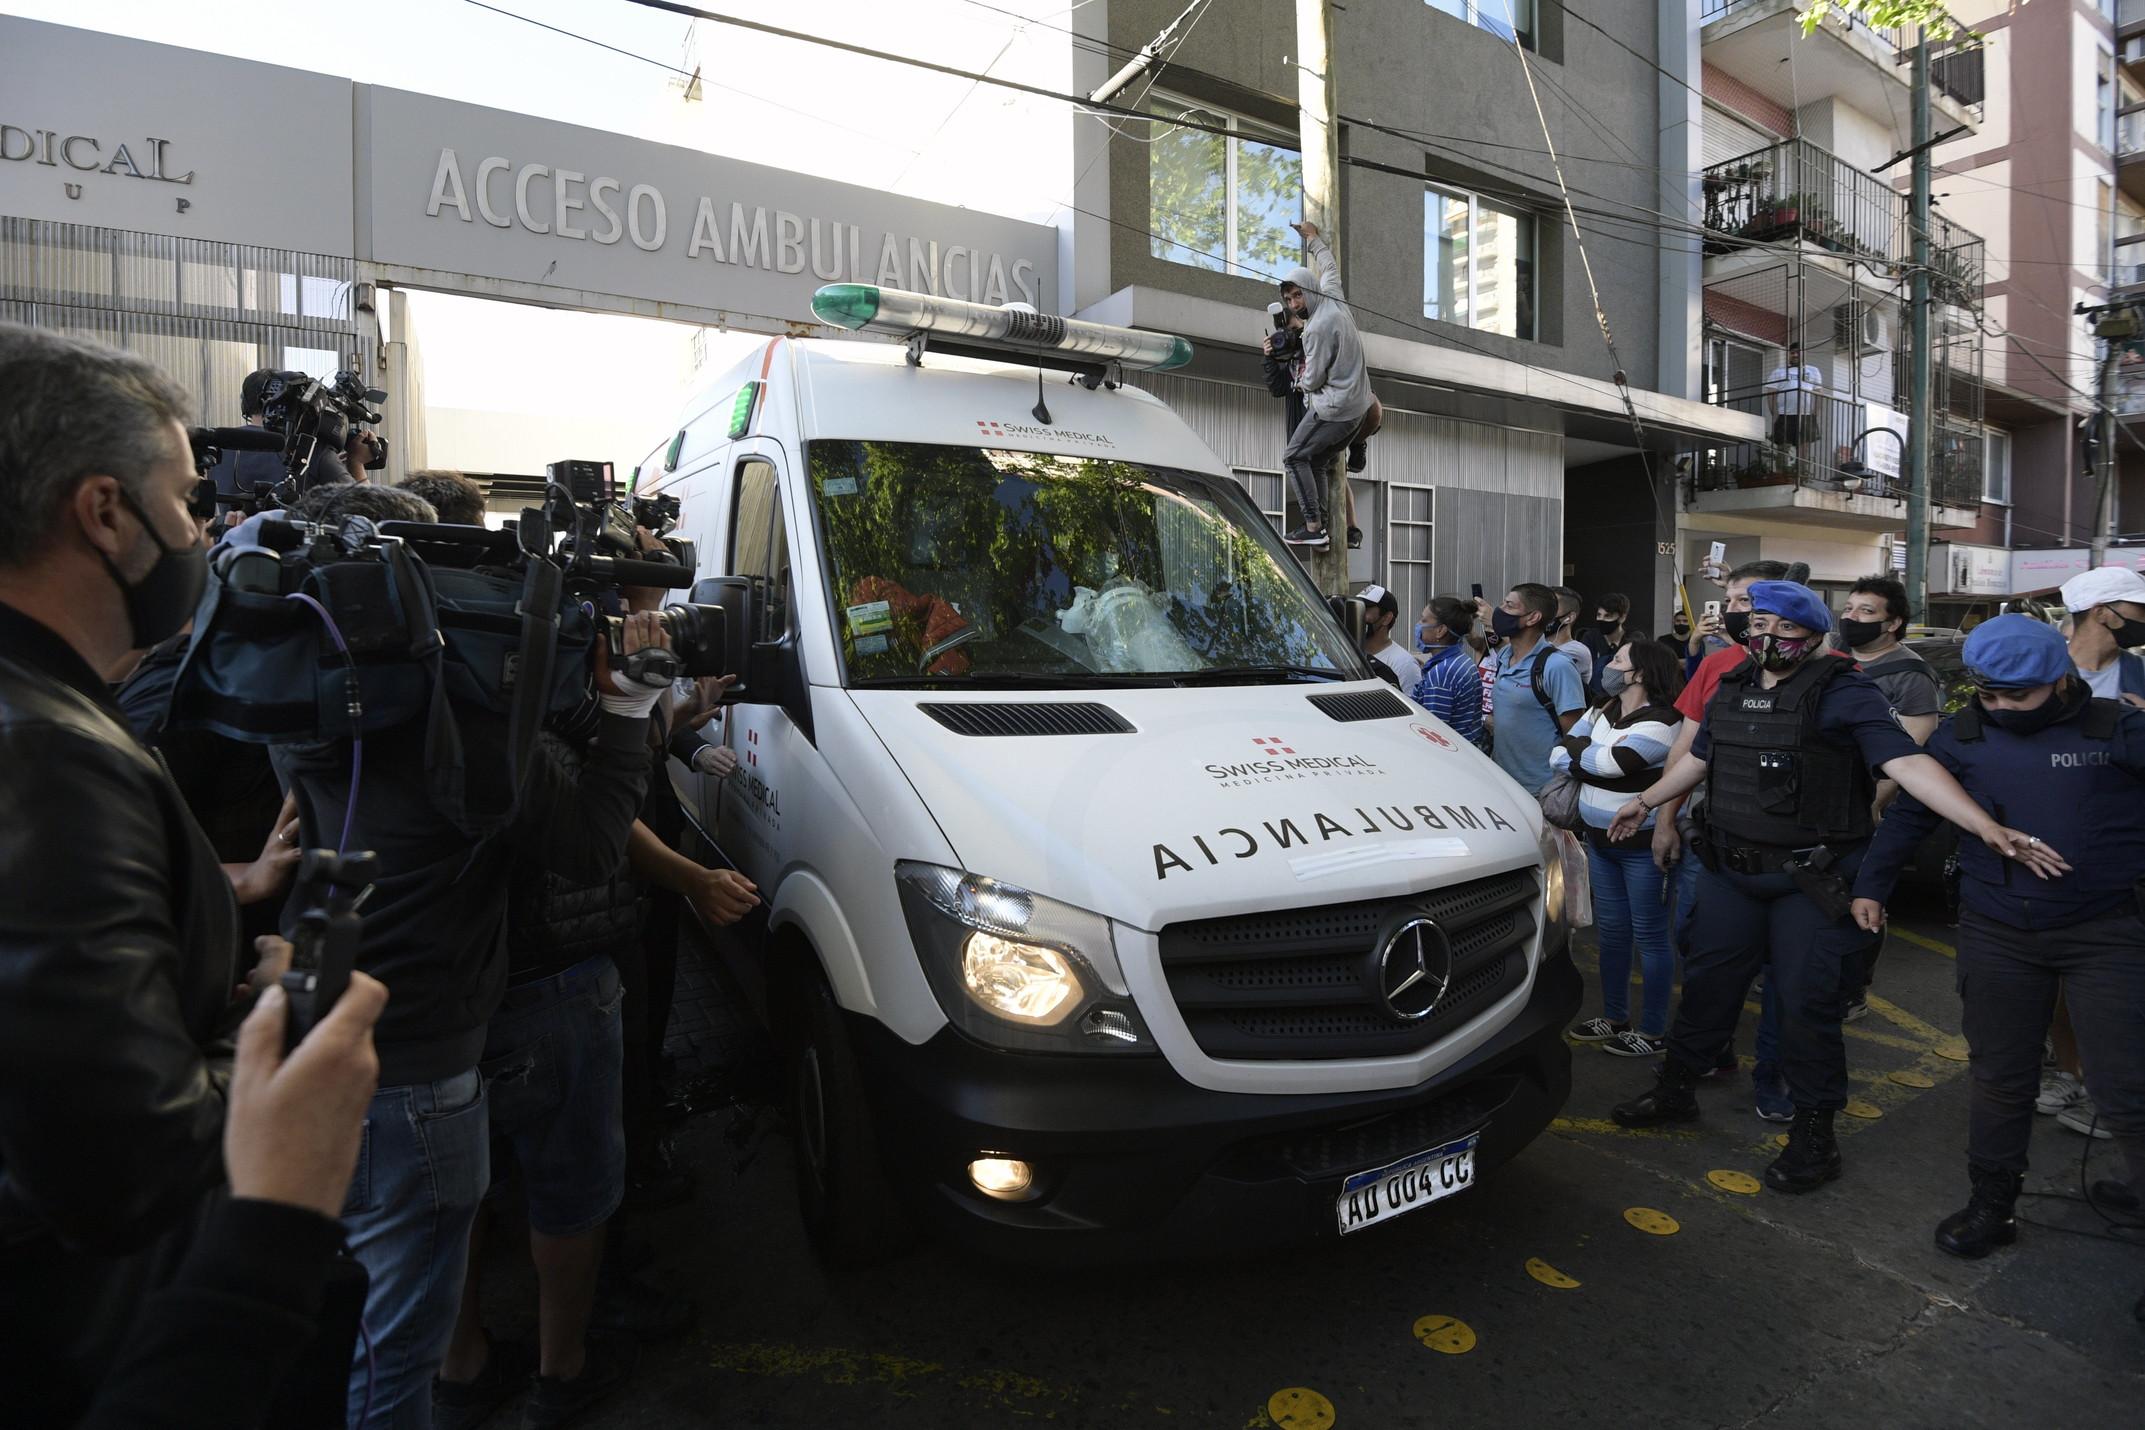 Diego Maradona ha lasciato la clinica di Olivos per stabilirsi in una residenza a Nordelta, distretto a nord in provincia di Buenos Aires, dove continuer&agrave; la guarigione dopo l&#39;intervento alla testa per un ematoma subdurale. L&#39;ambulanza che ha trasportato a casa il Pibe de Oro &egrave; stata circondata dall&#39;affetto dei tifosi.<br /><br />